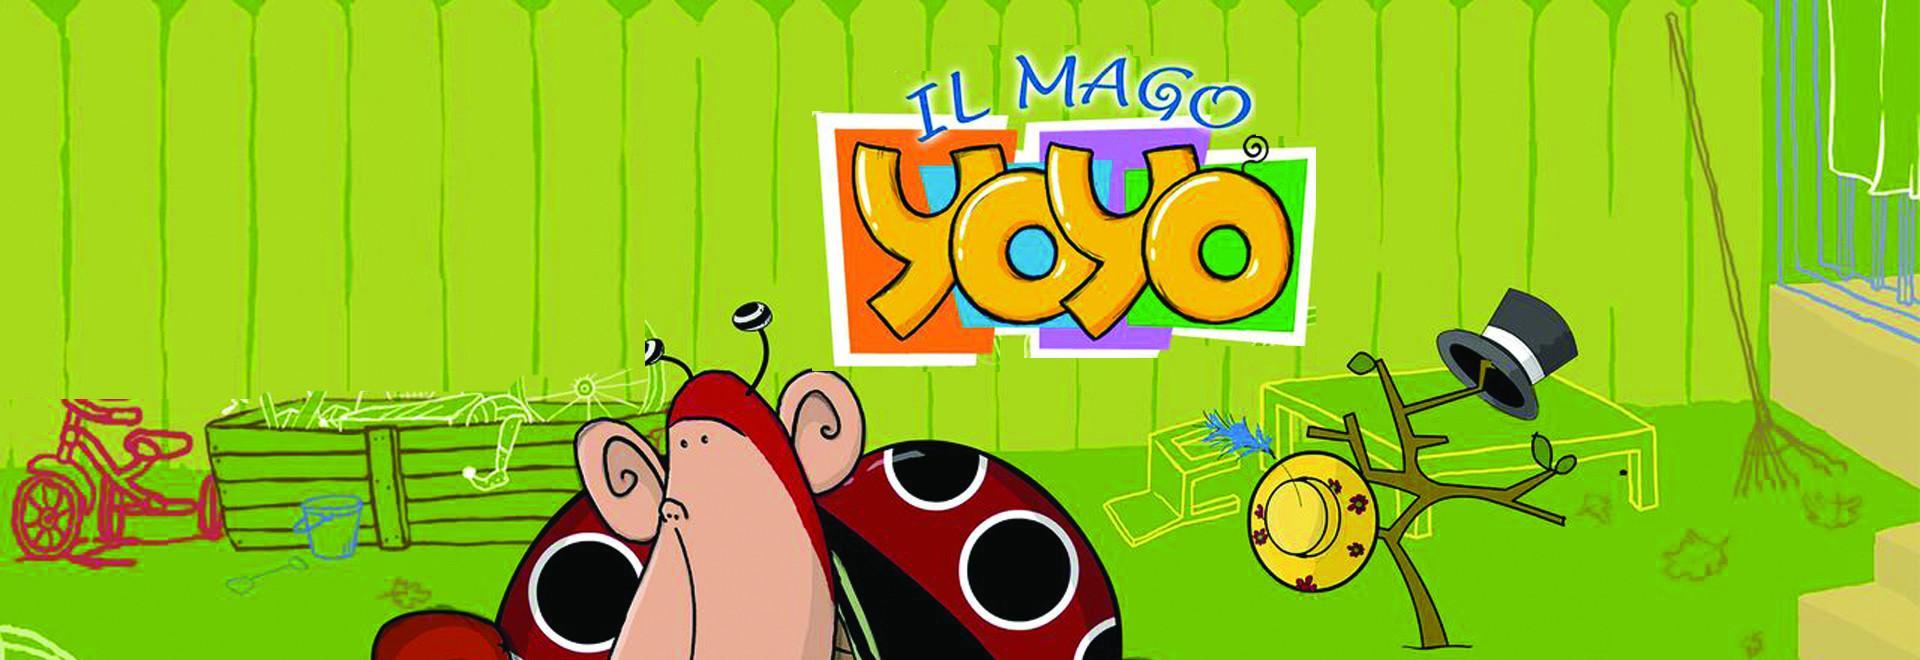 Il Mago Yoyo